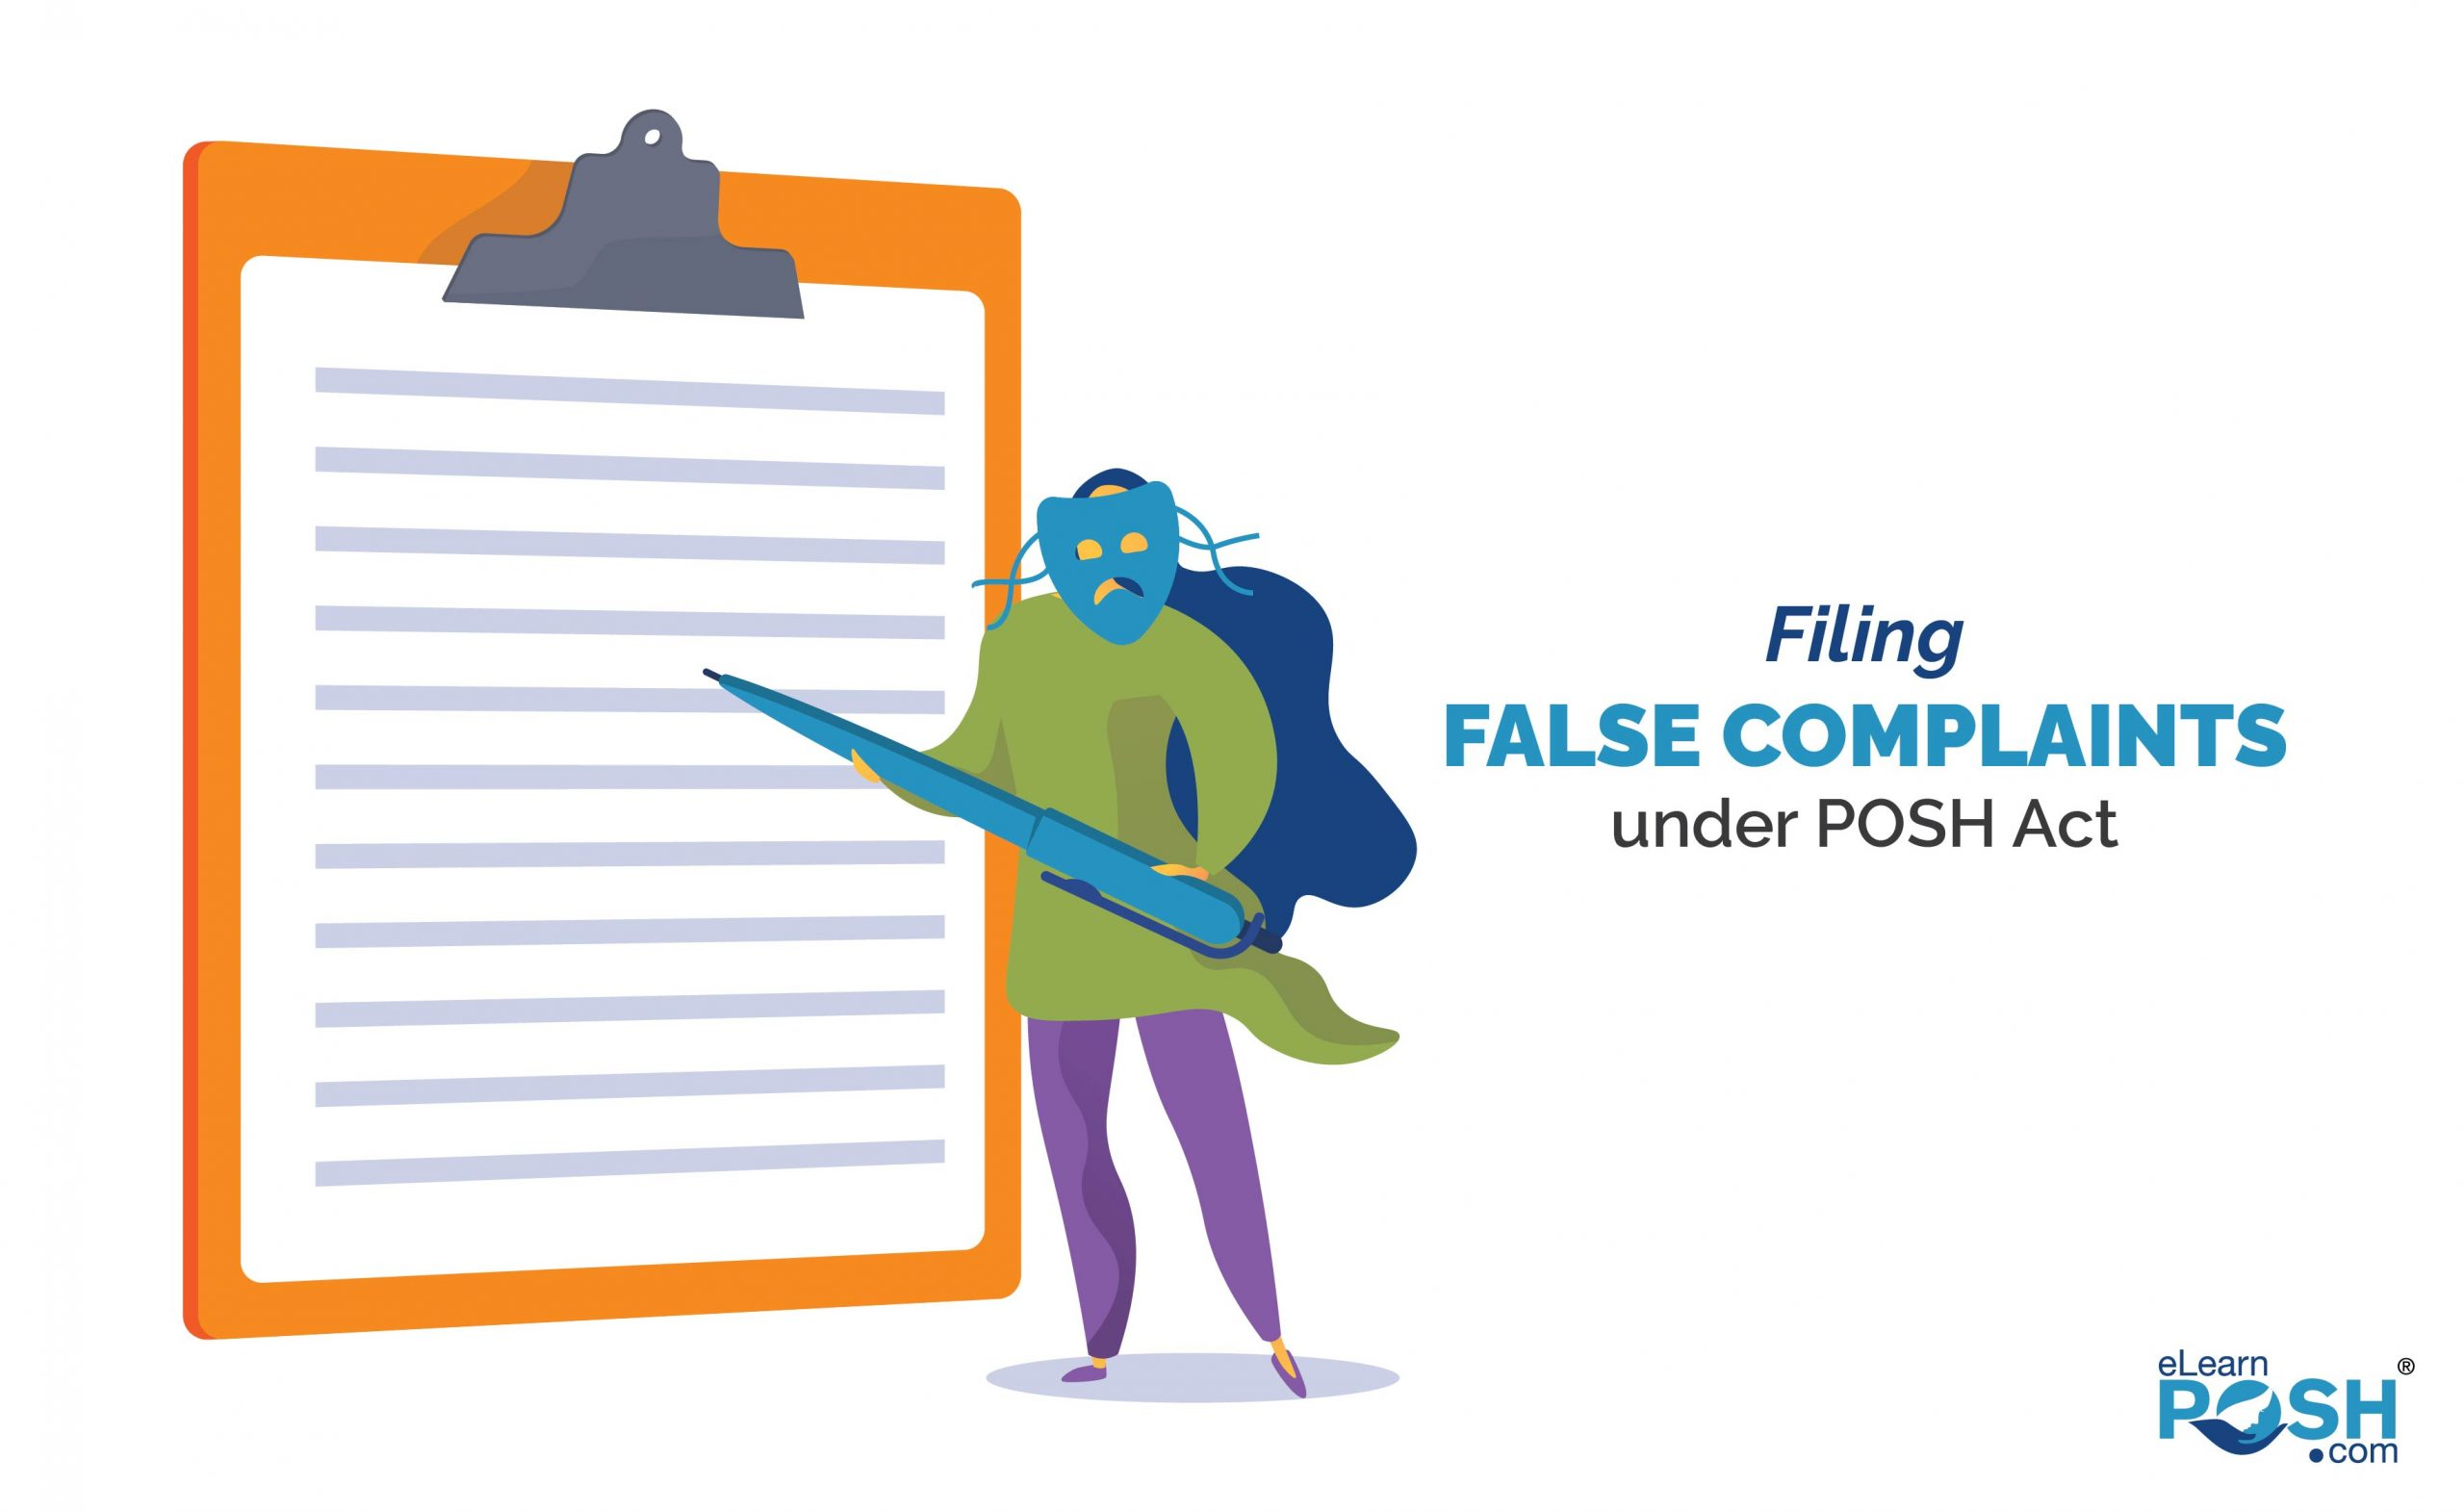 Filing False Complaints under POSH Act